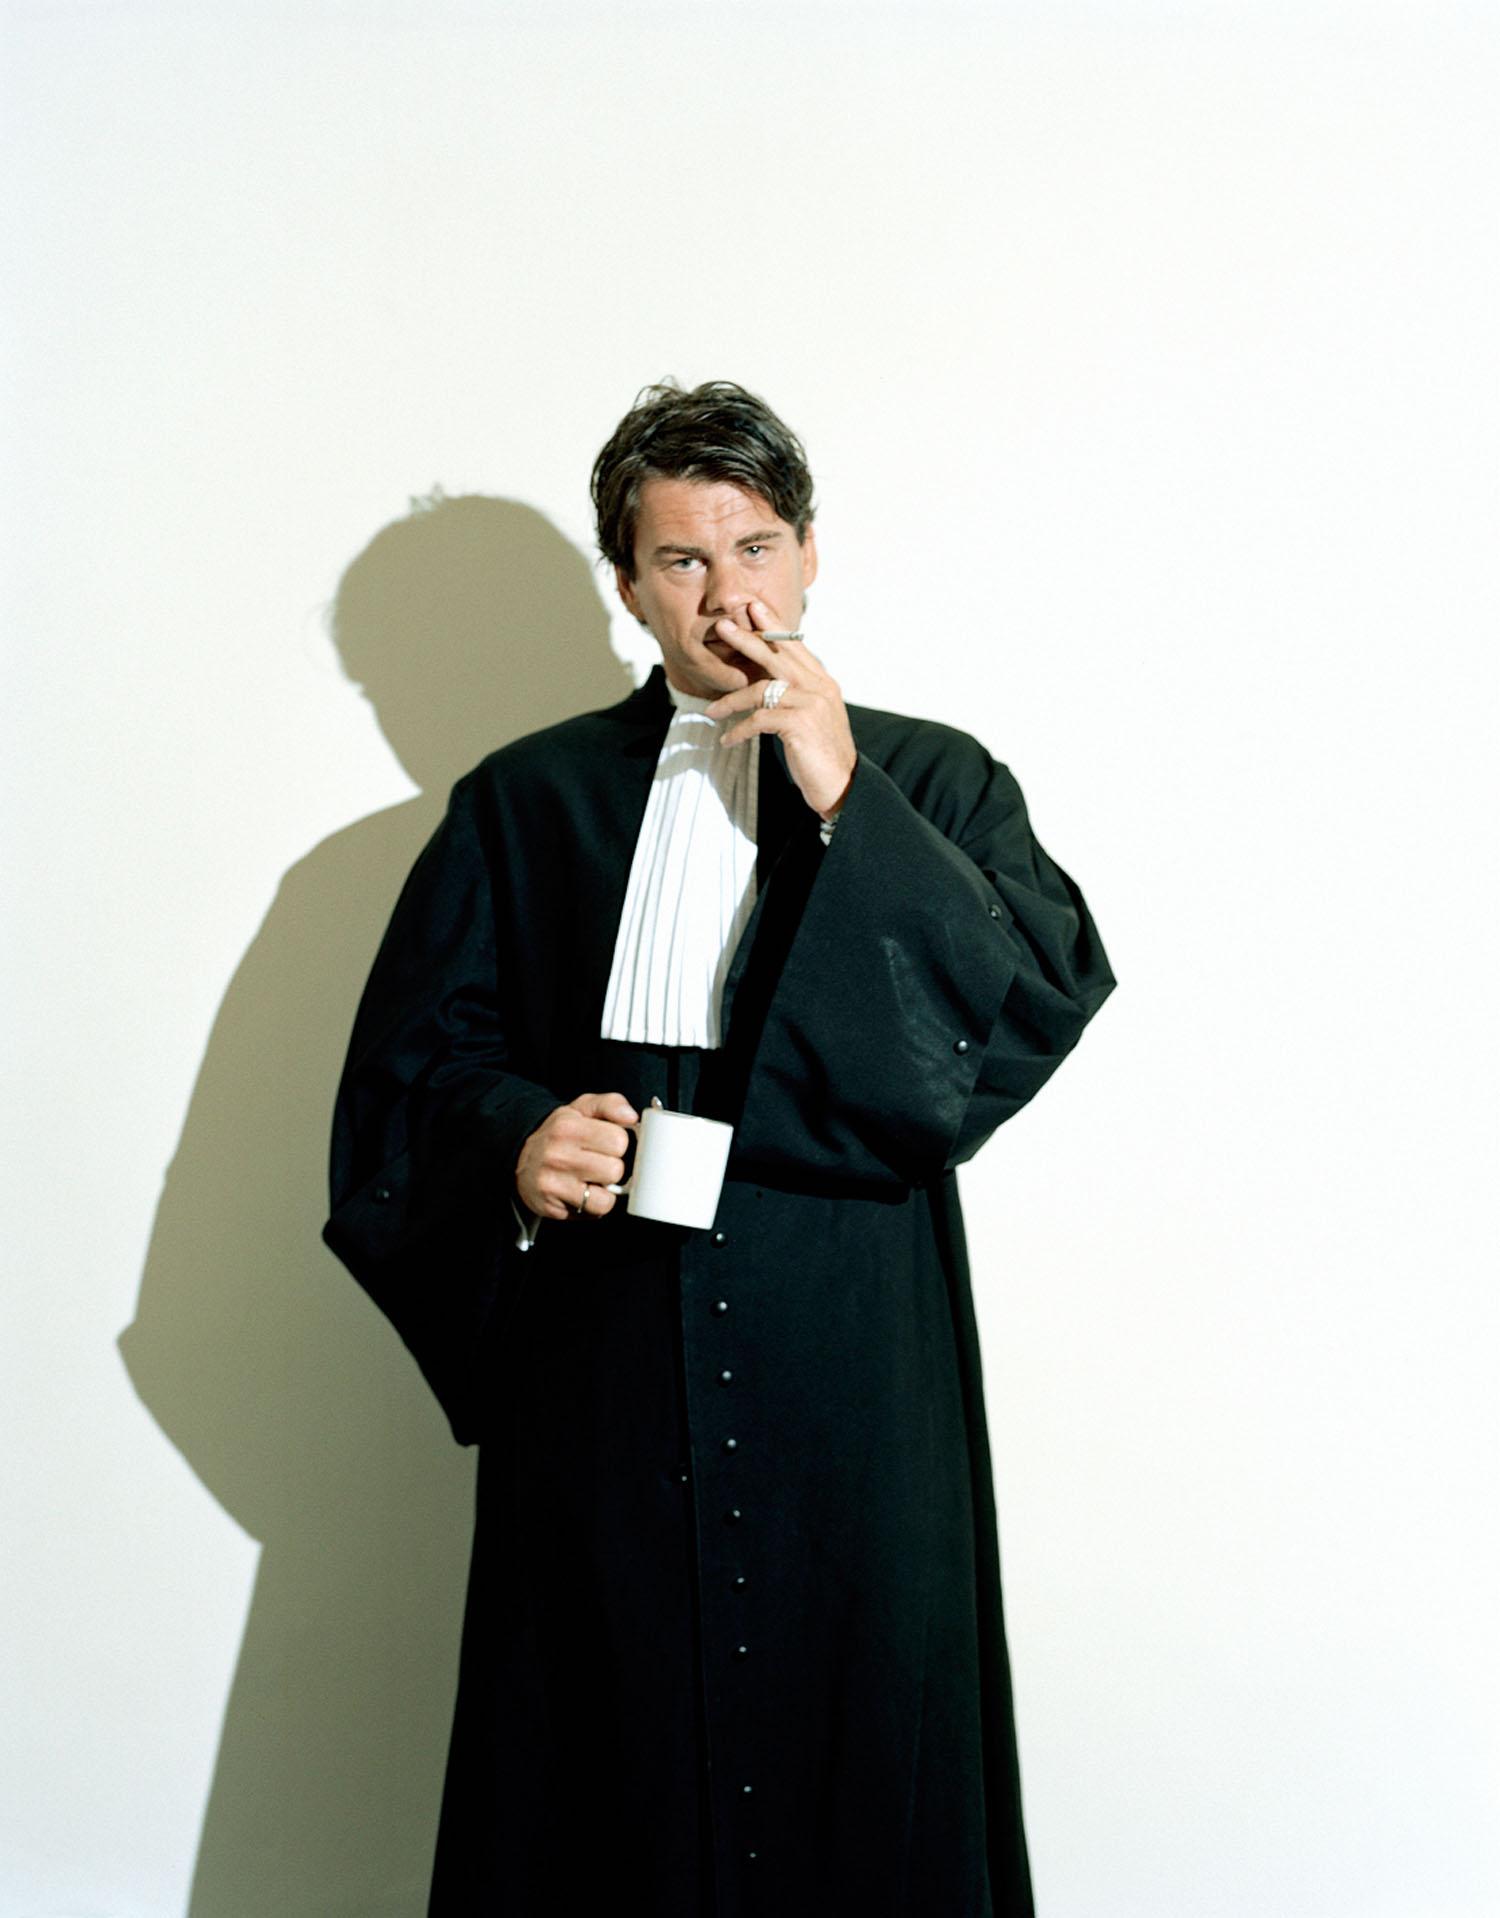 Jan Hein Kuijpers